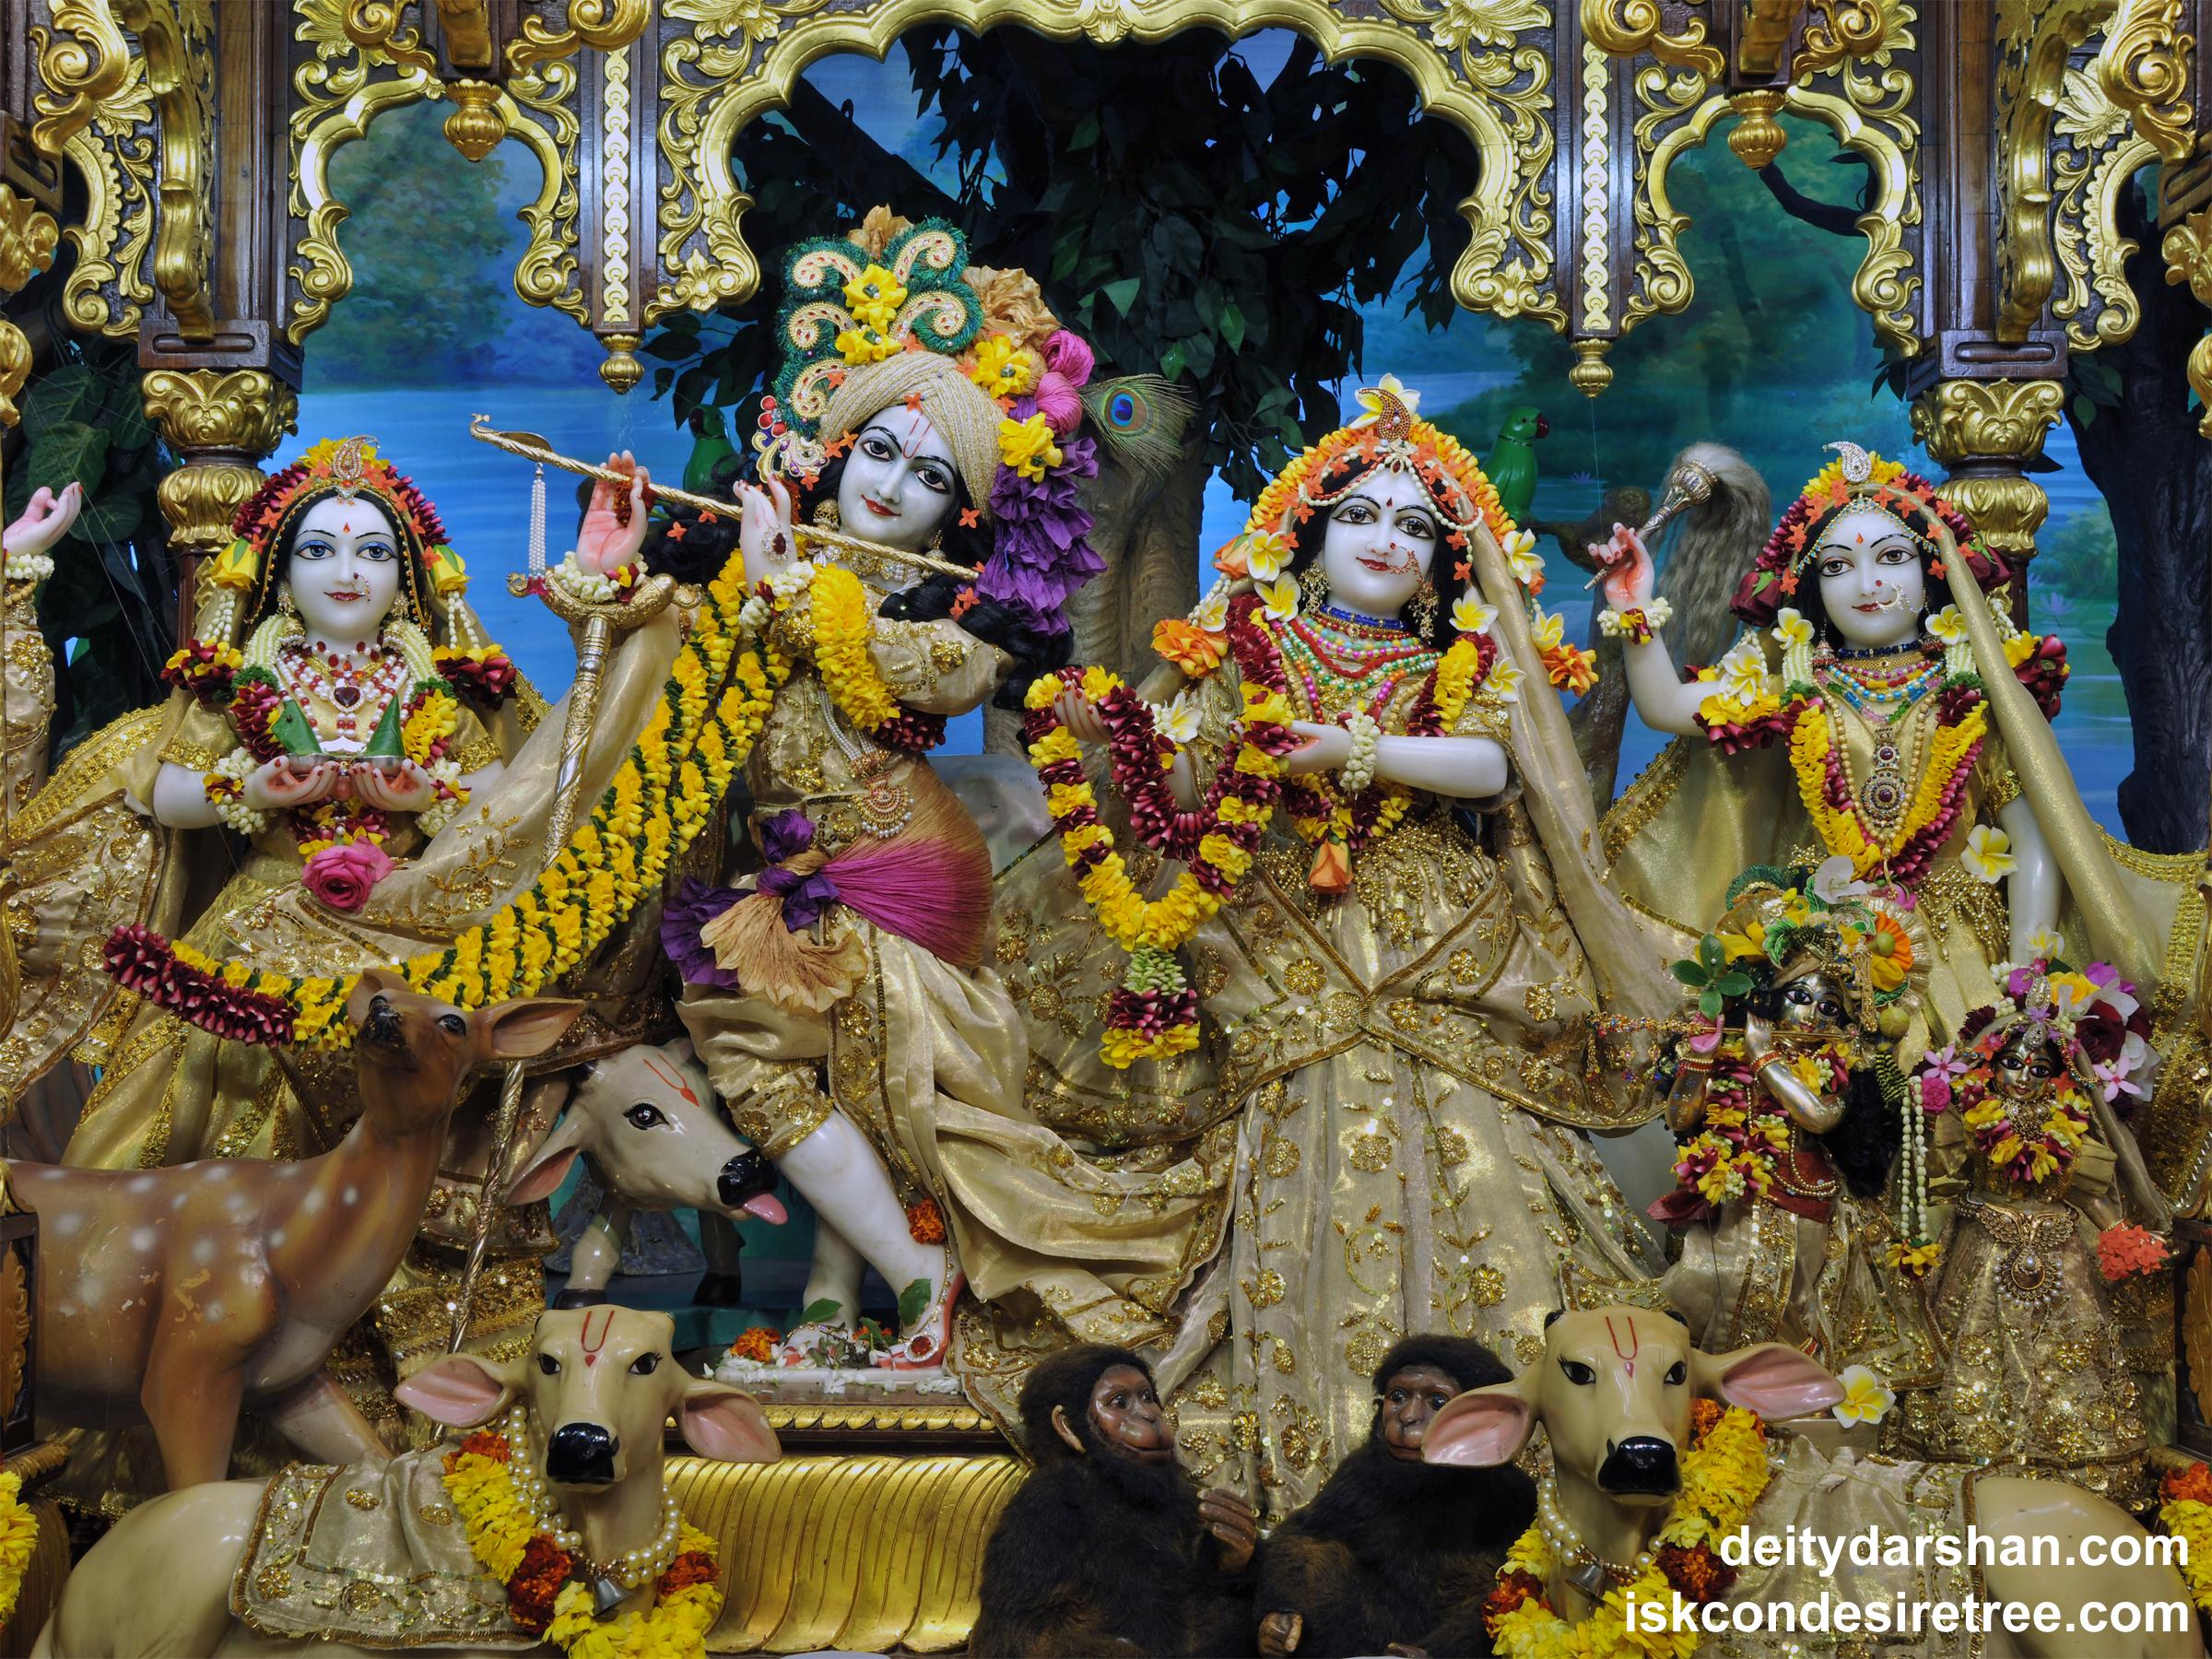 Sri Sri Radha Gopinath Lalita Vishakha Wallpaper (053) Size 2400x1800 Download